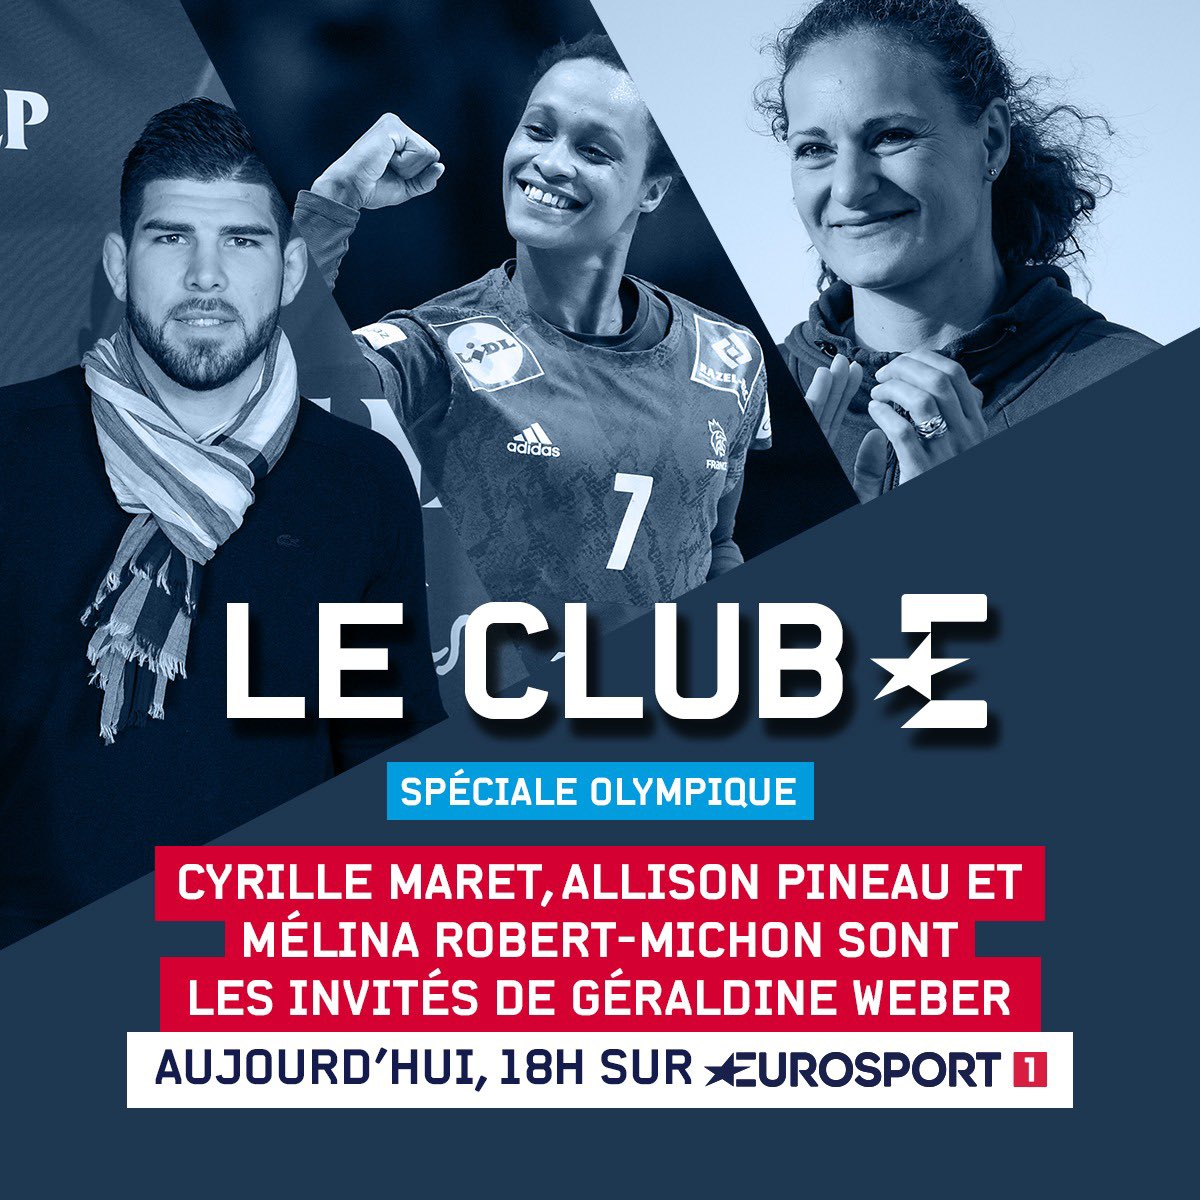 On se retrouve demain à 18h avec mes acolytes @melrobertmichon et @CyrilleMaret pour @Eurosport_FR https://t.co/KTaKmyMzxZ